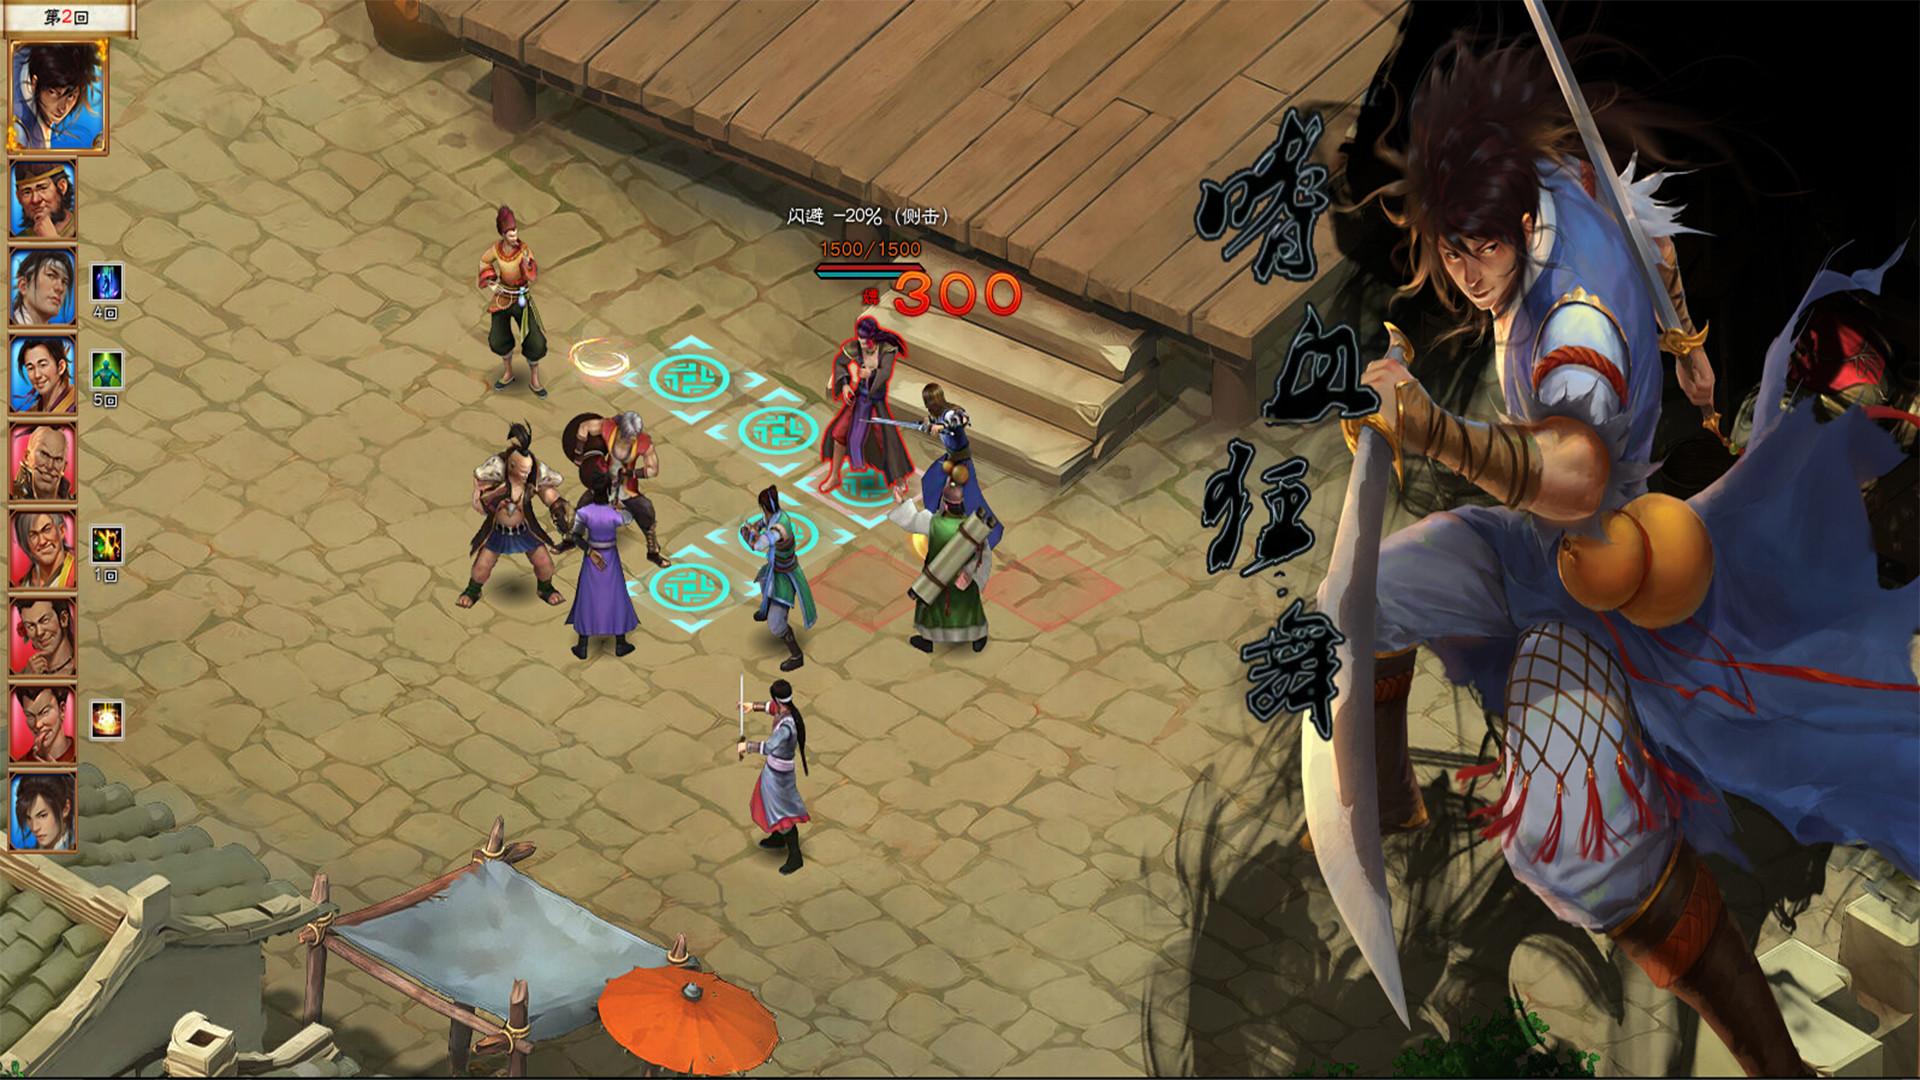 国产游戏《洛川群侠传》上架Steam 1月31日正式开售